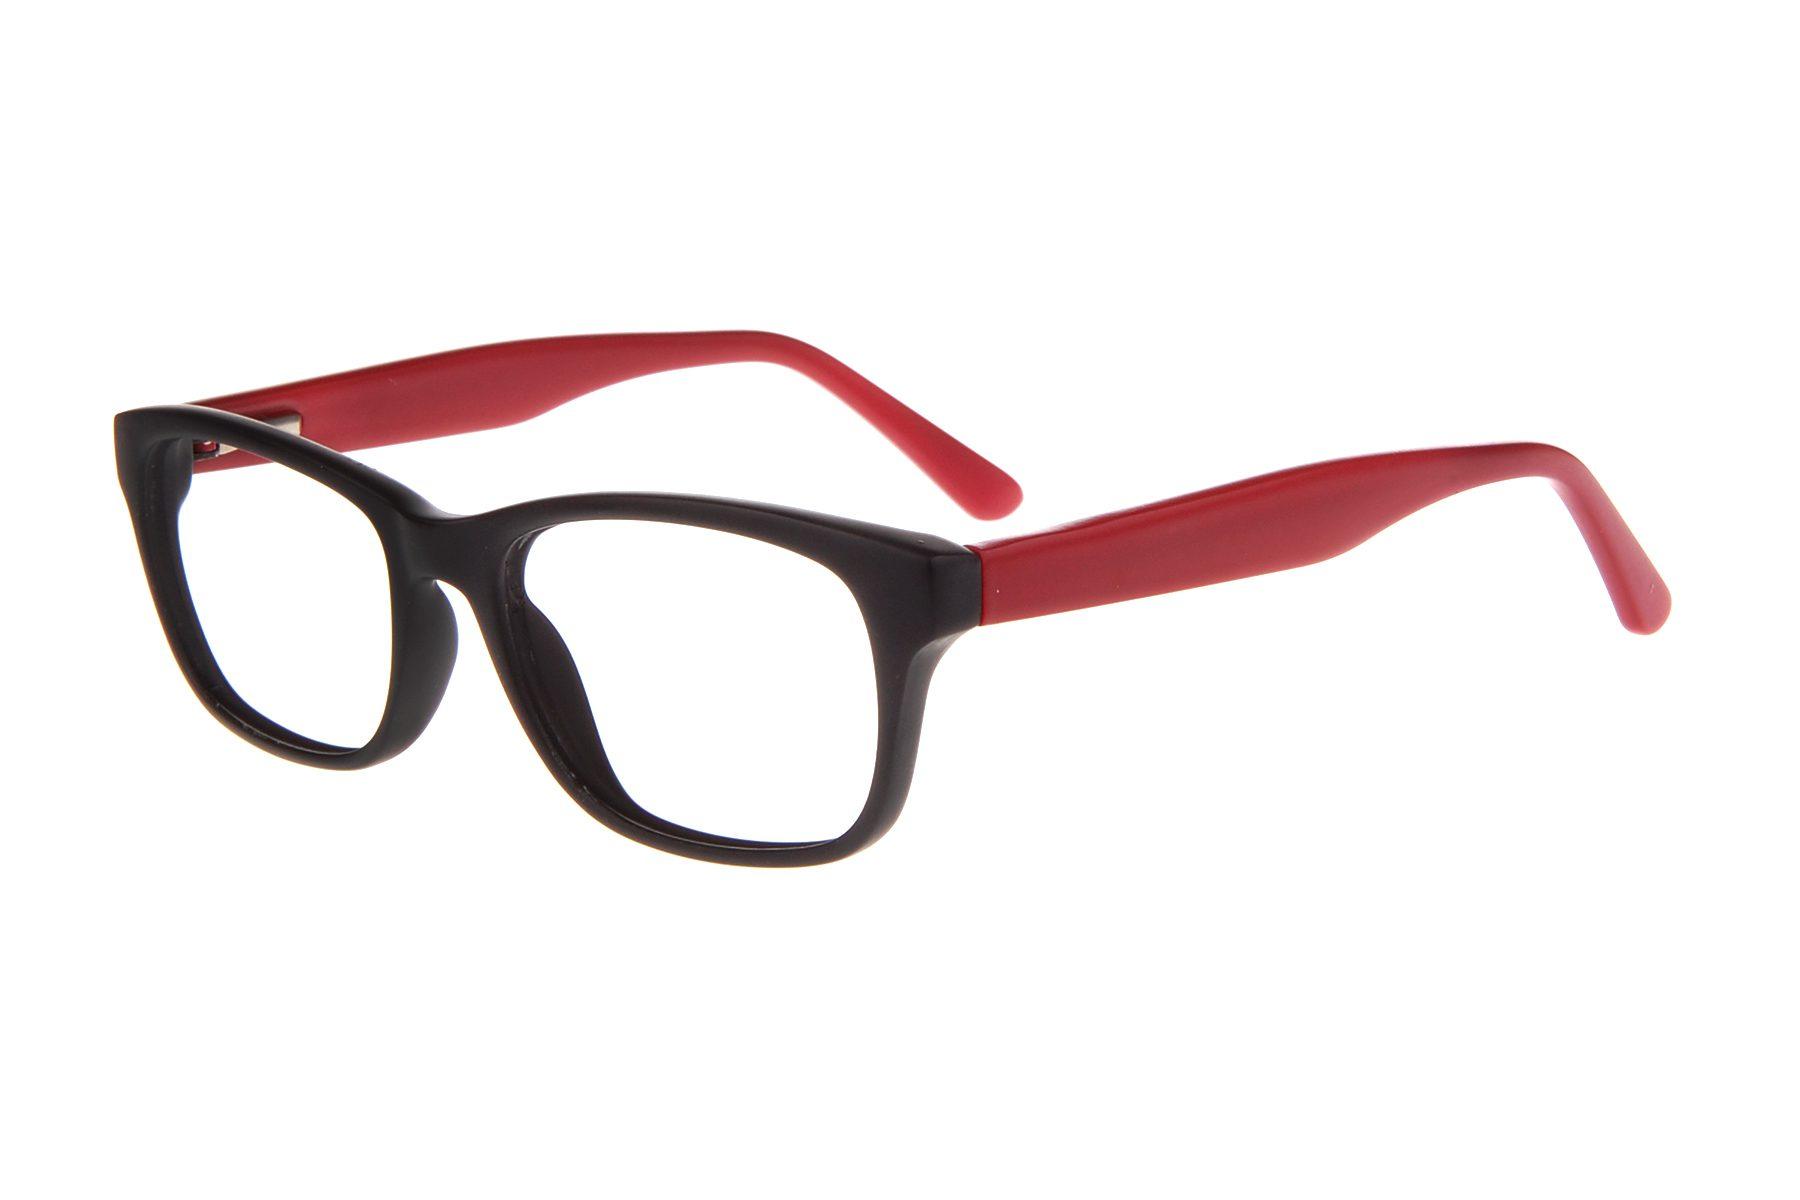 ec2346de4716 RUNWAY TWEEN 29 MATTE BLACK/RED - Visual Eyes Eyewear